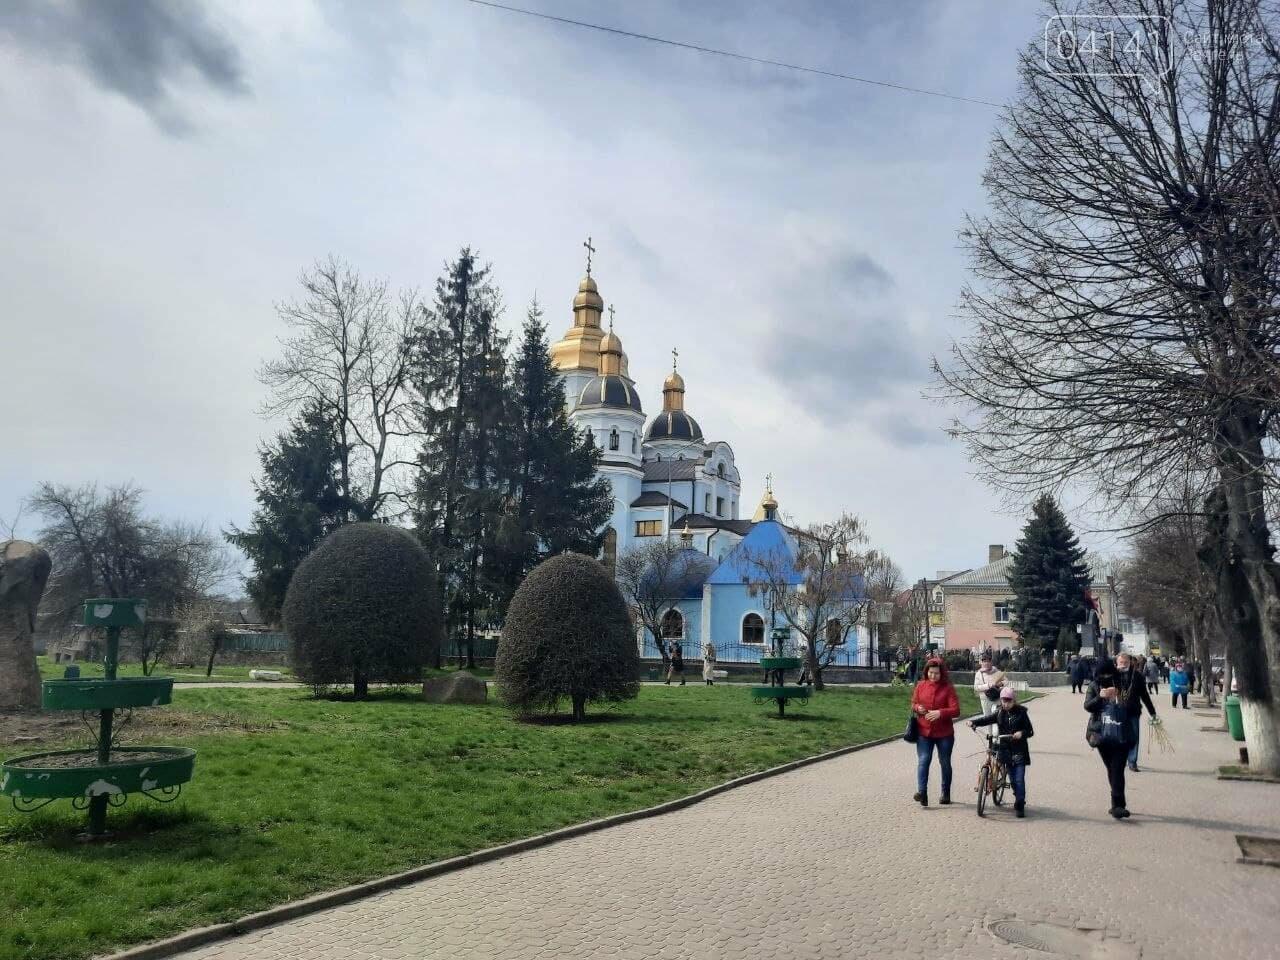 Як у Новограді-Волинському святкують Вербну неділю (ФОТО, ВІДЕО), фото-4